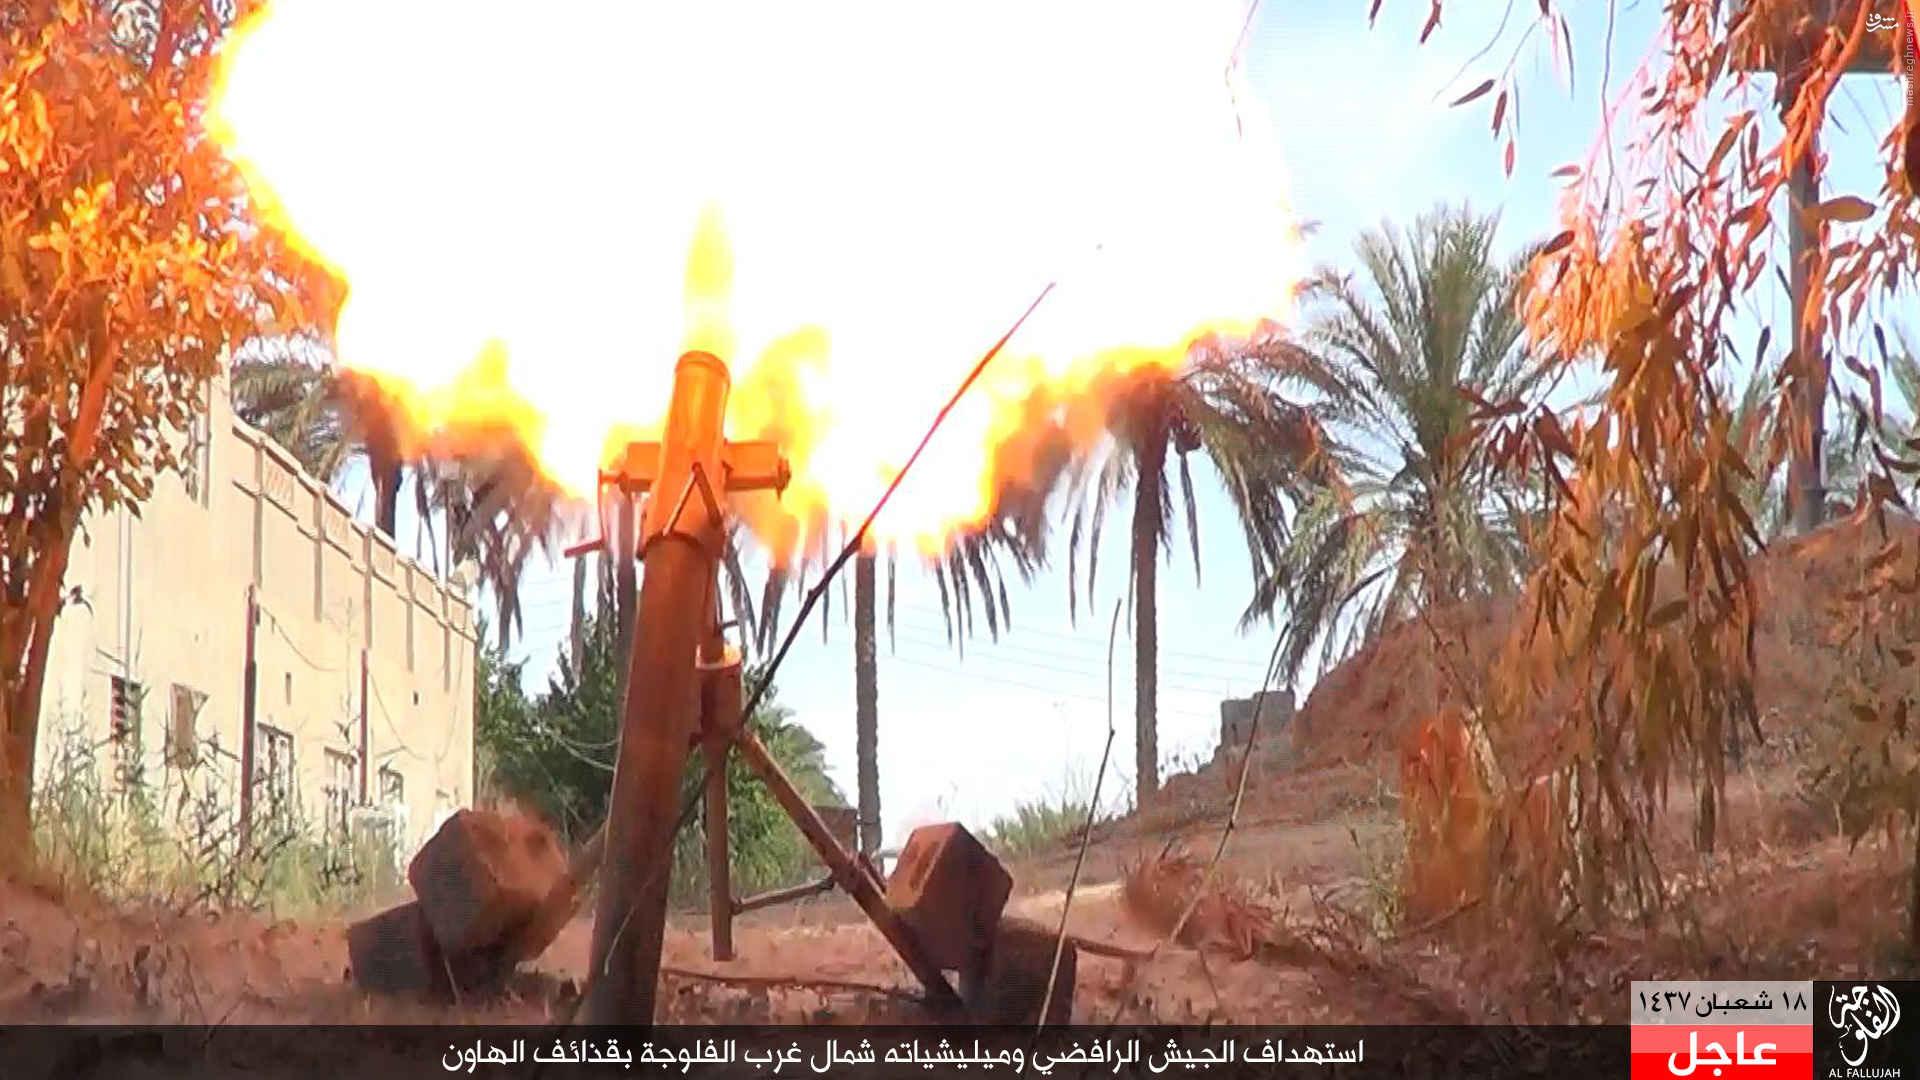 درگیری های شمال فلوجه به روایت داعش+عکس